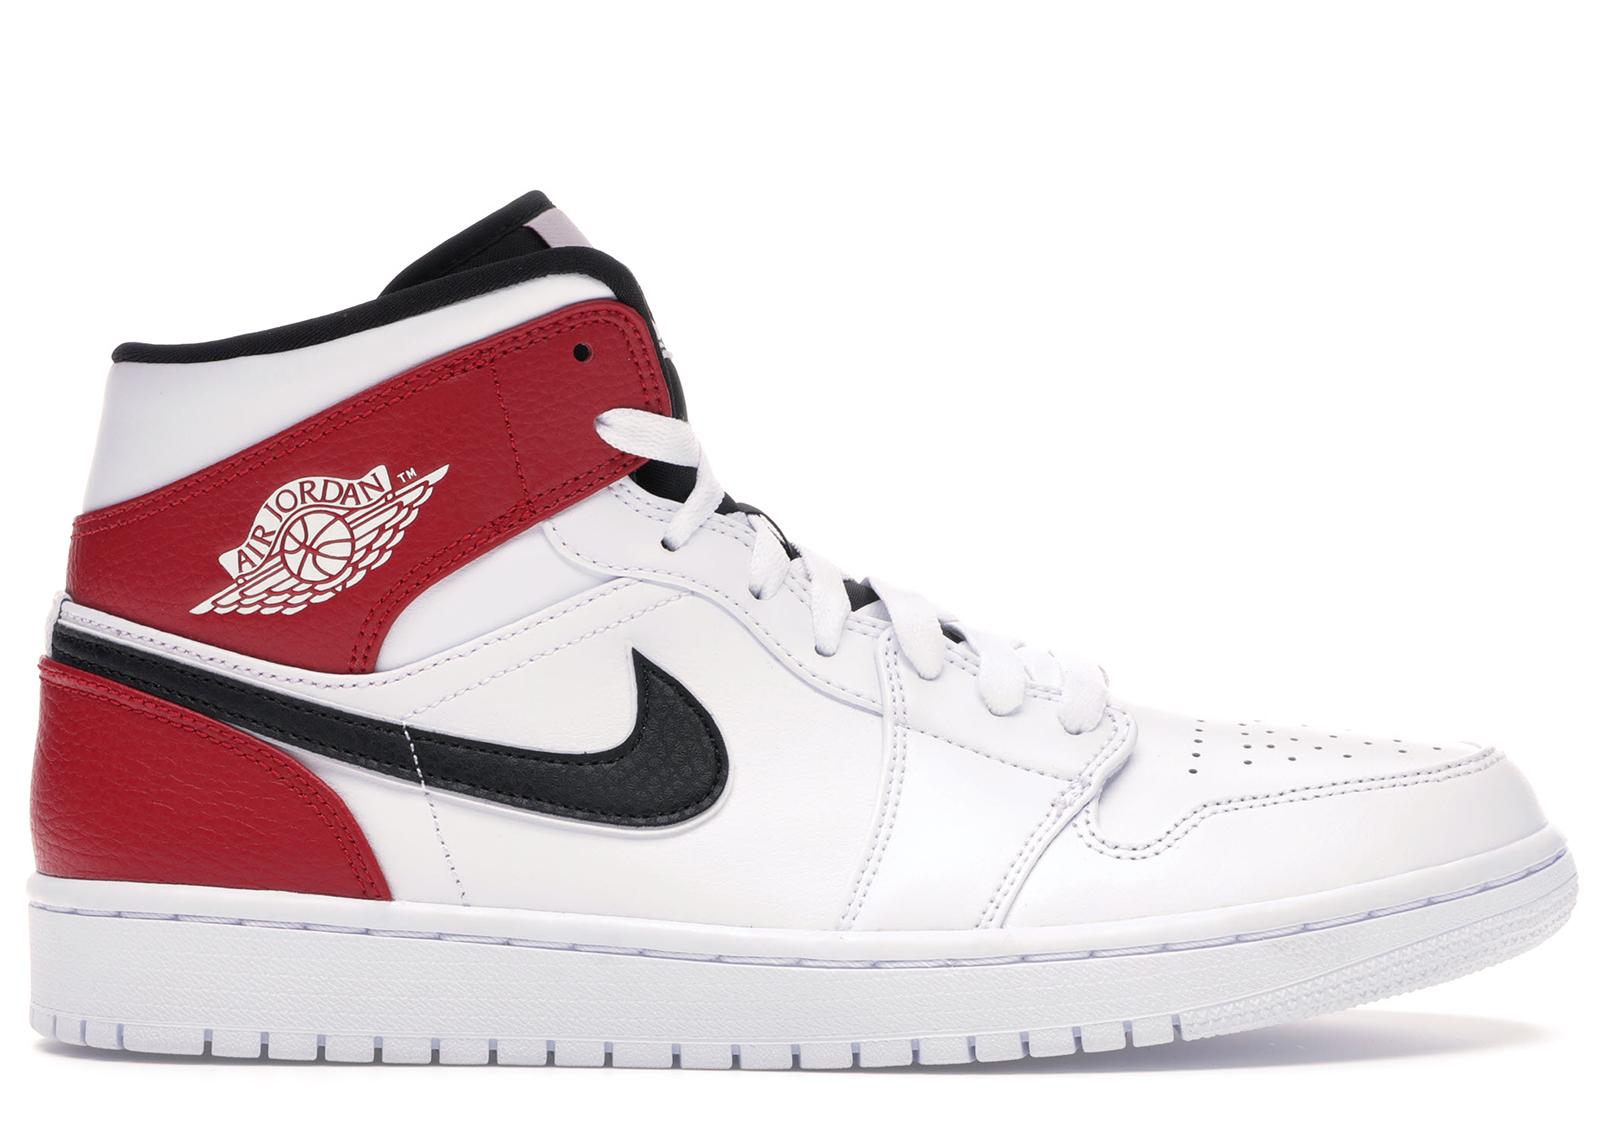 red and black air jordan 1